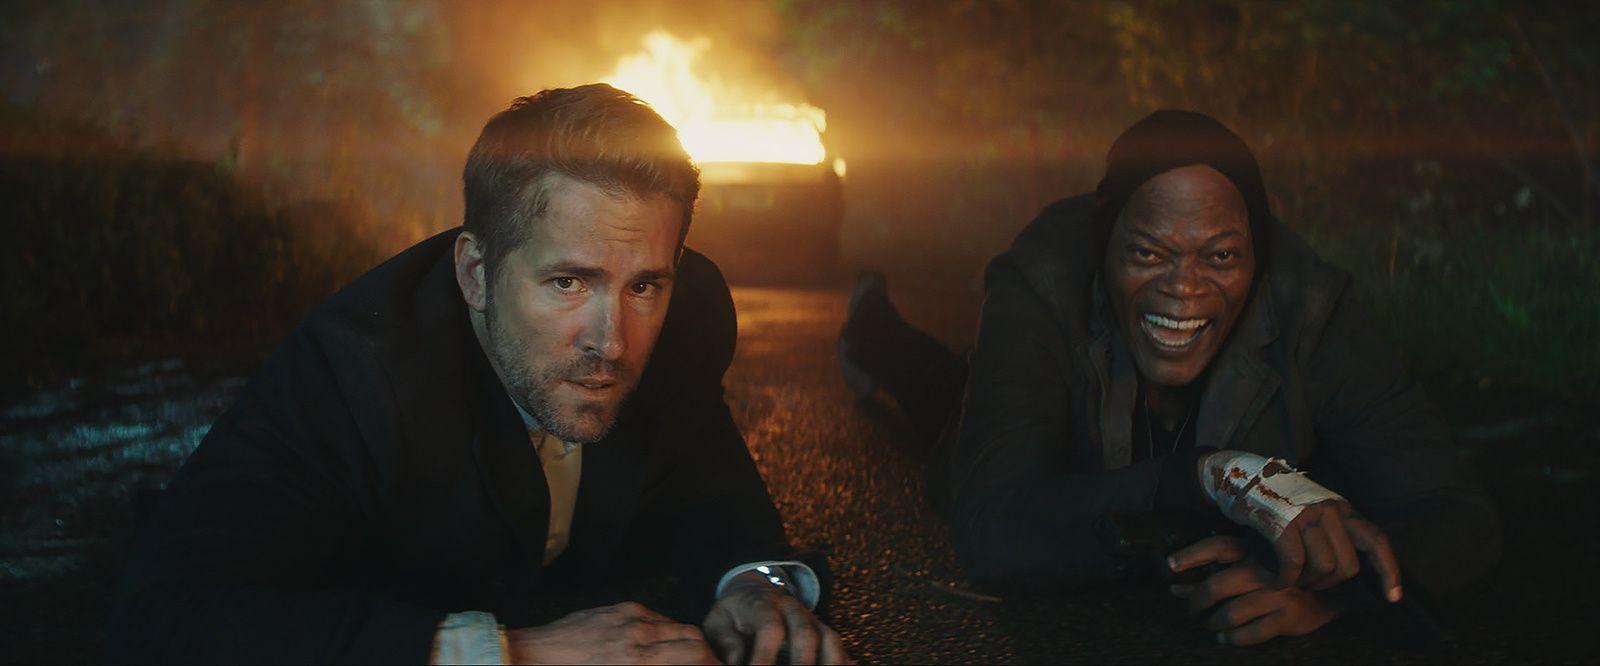 HITMAN &amp&#x3B; BODYGUARD : Ryan Reynolds et Samuel L.JACKSON forment un duo de choc dans le teaser ! // Au cinéma le 23 août 2017